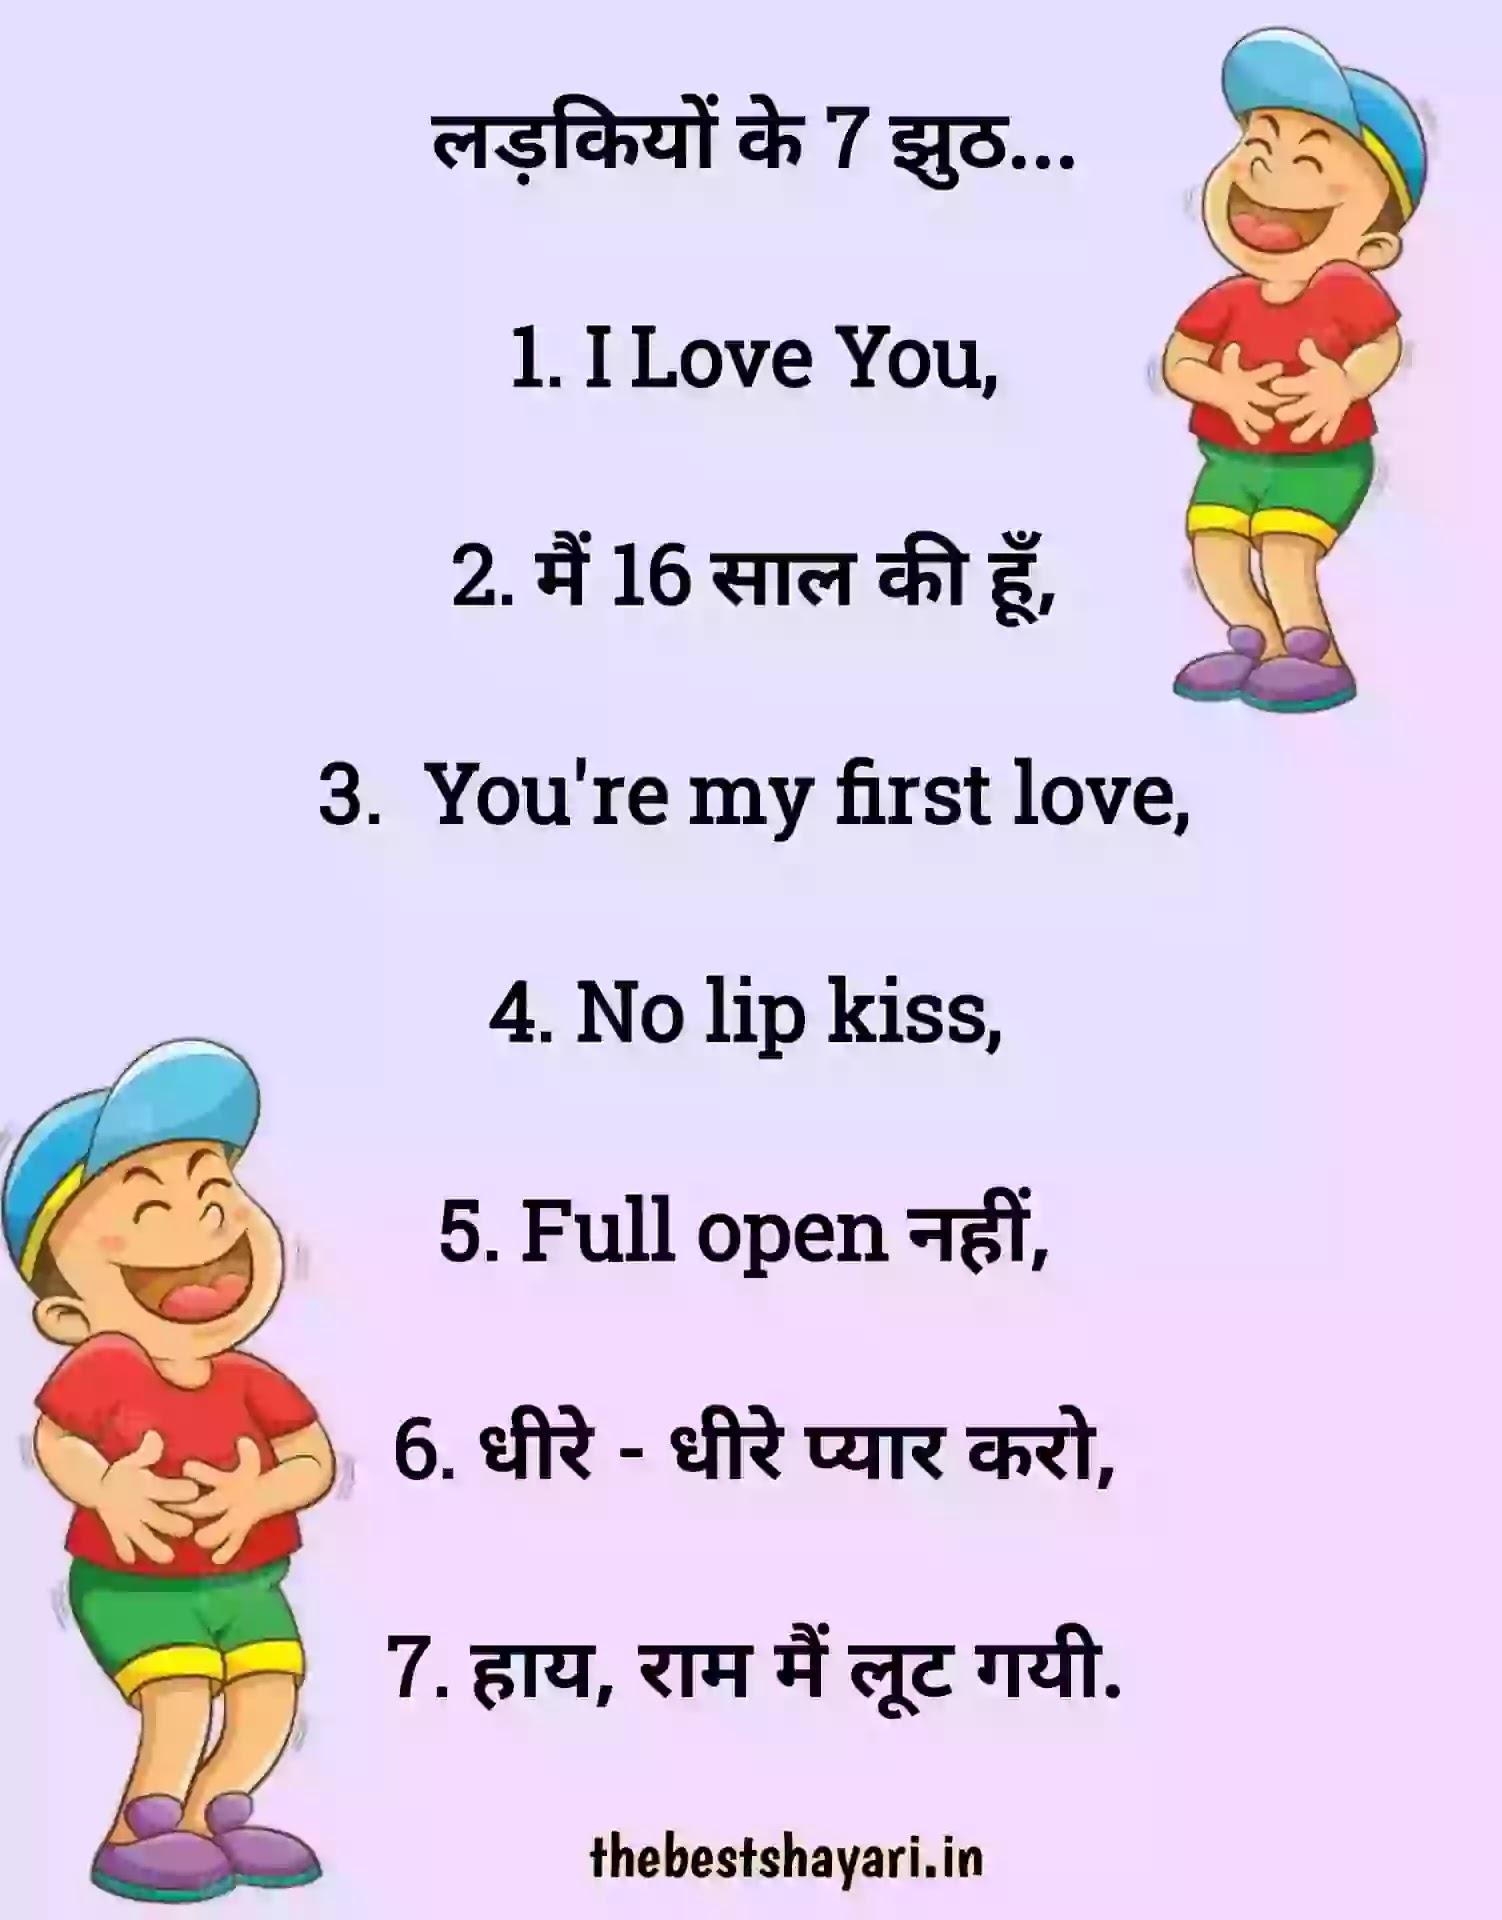 Hindi funny jokes short